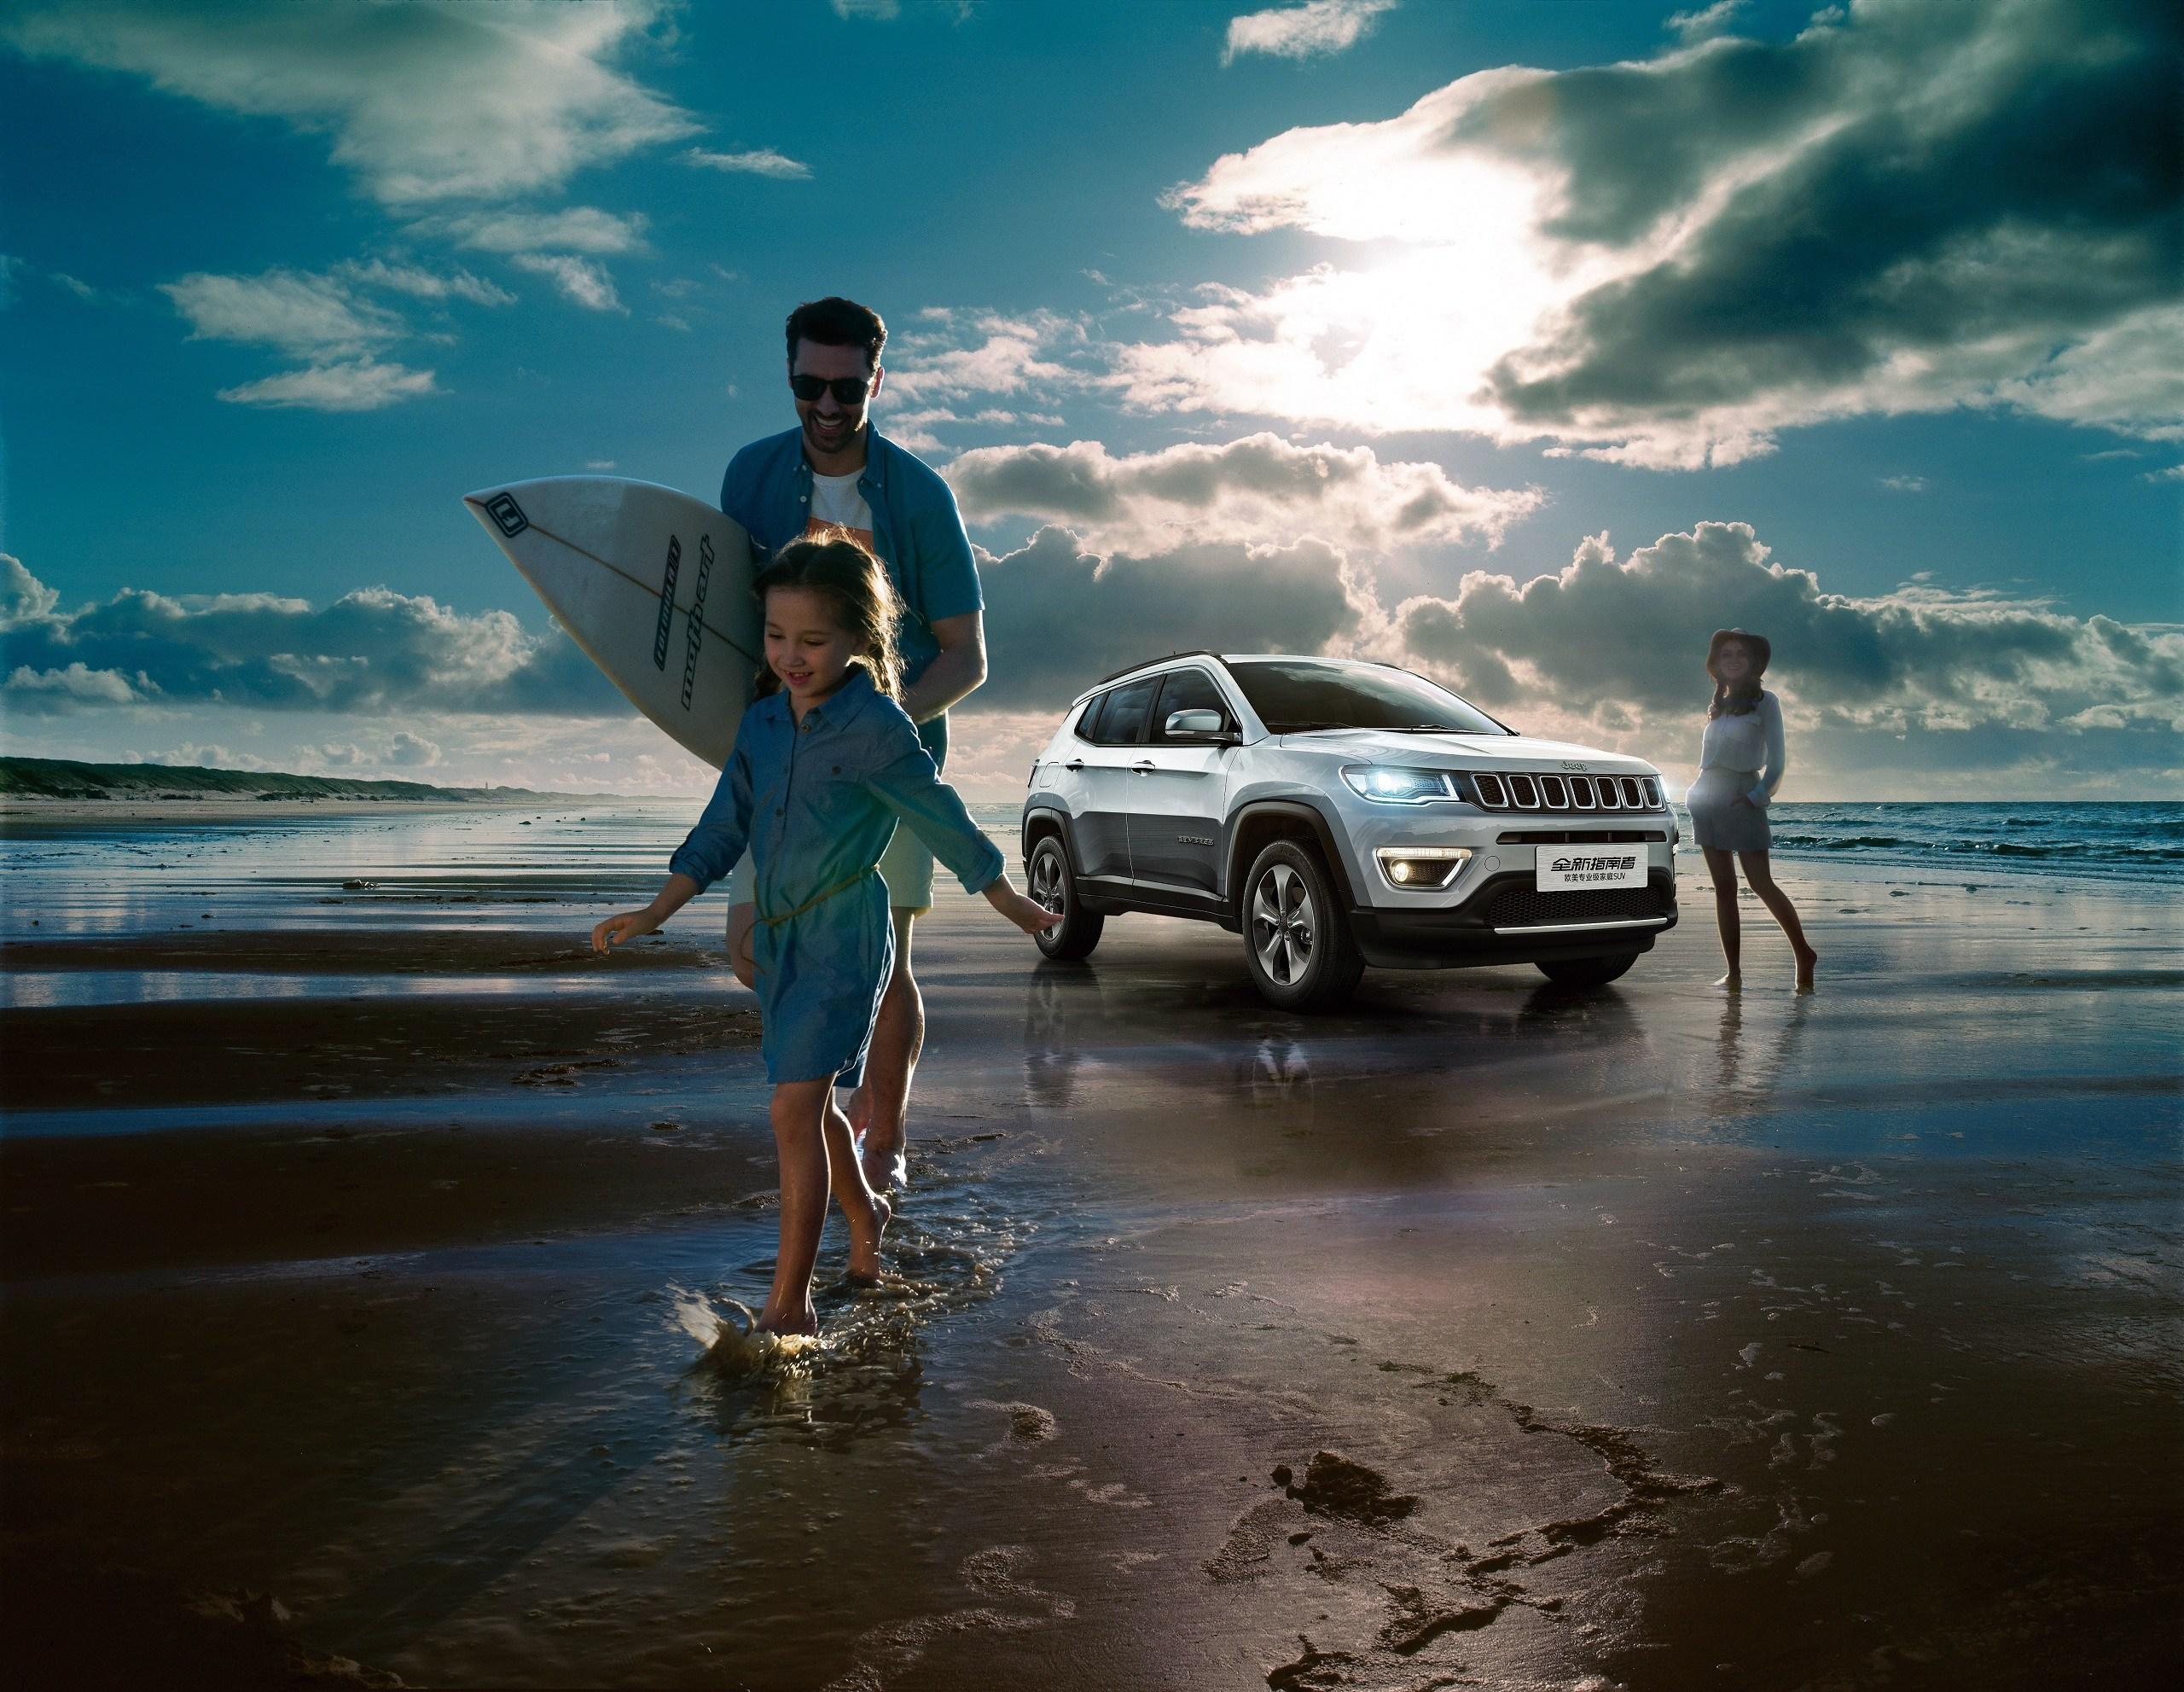 国产Jeep新指南者发布 紧凑SUV/酷似大切